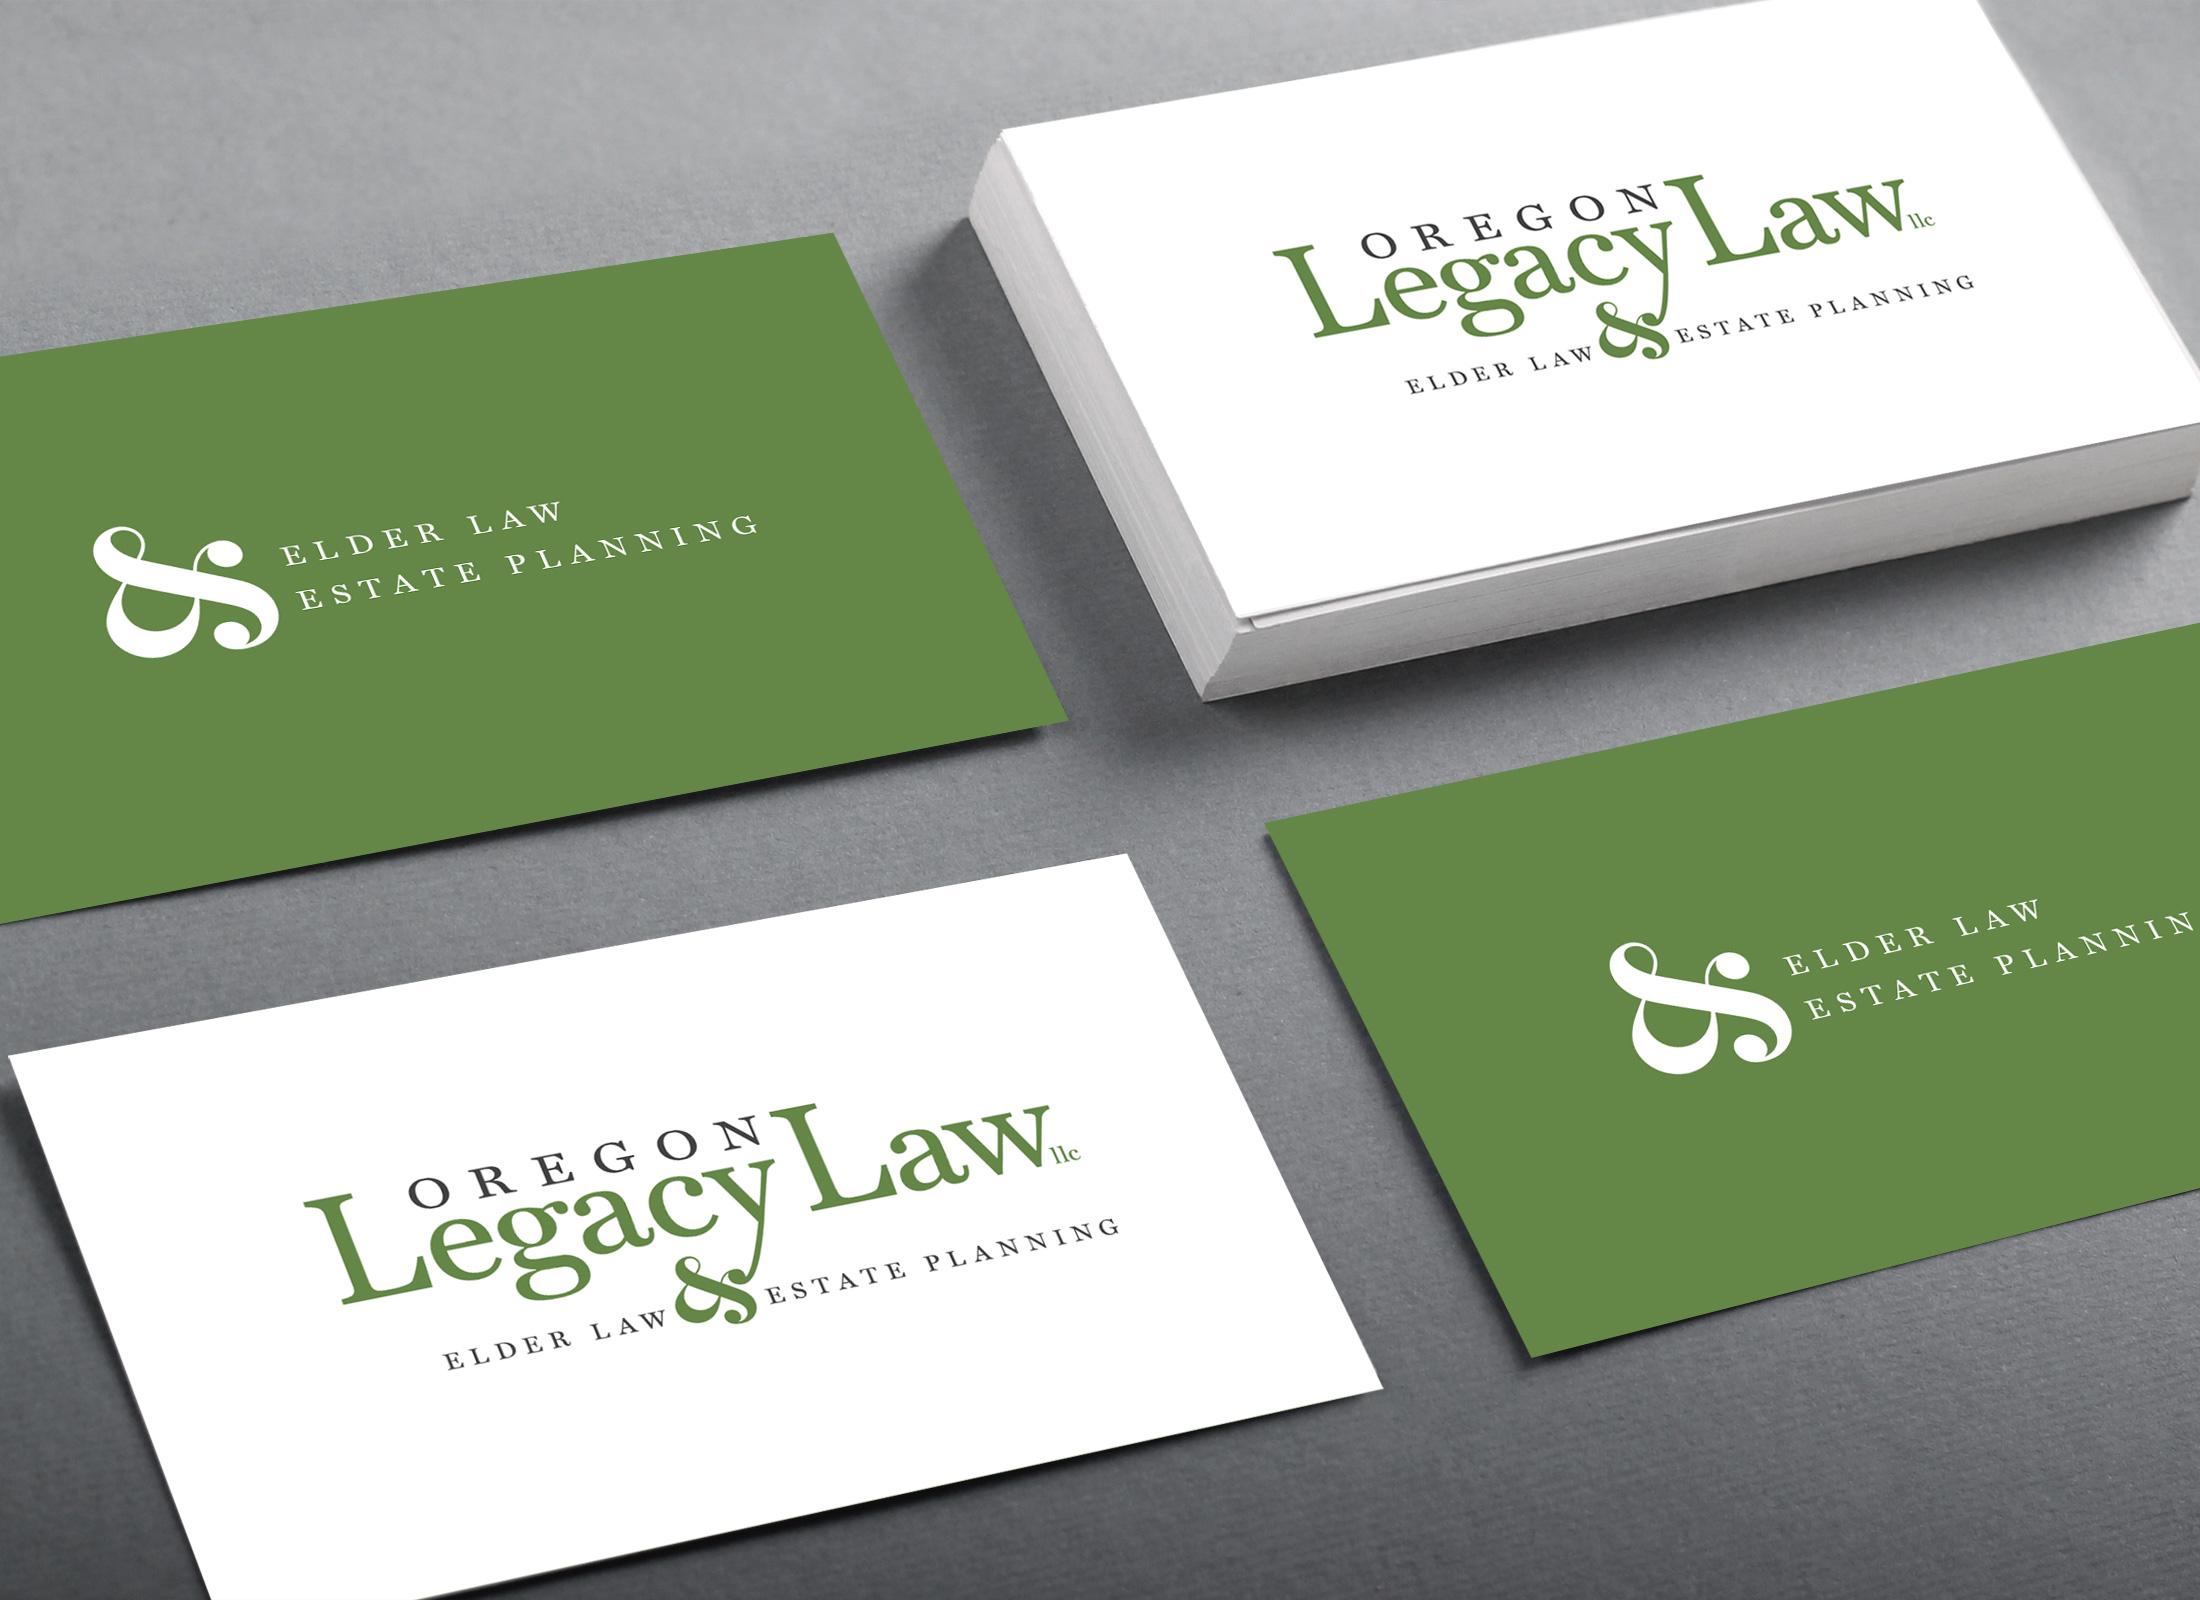 Oregon Legacy Law